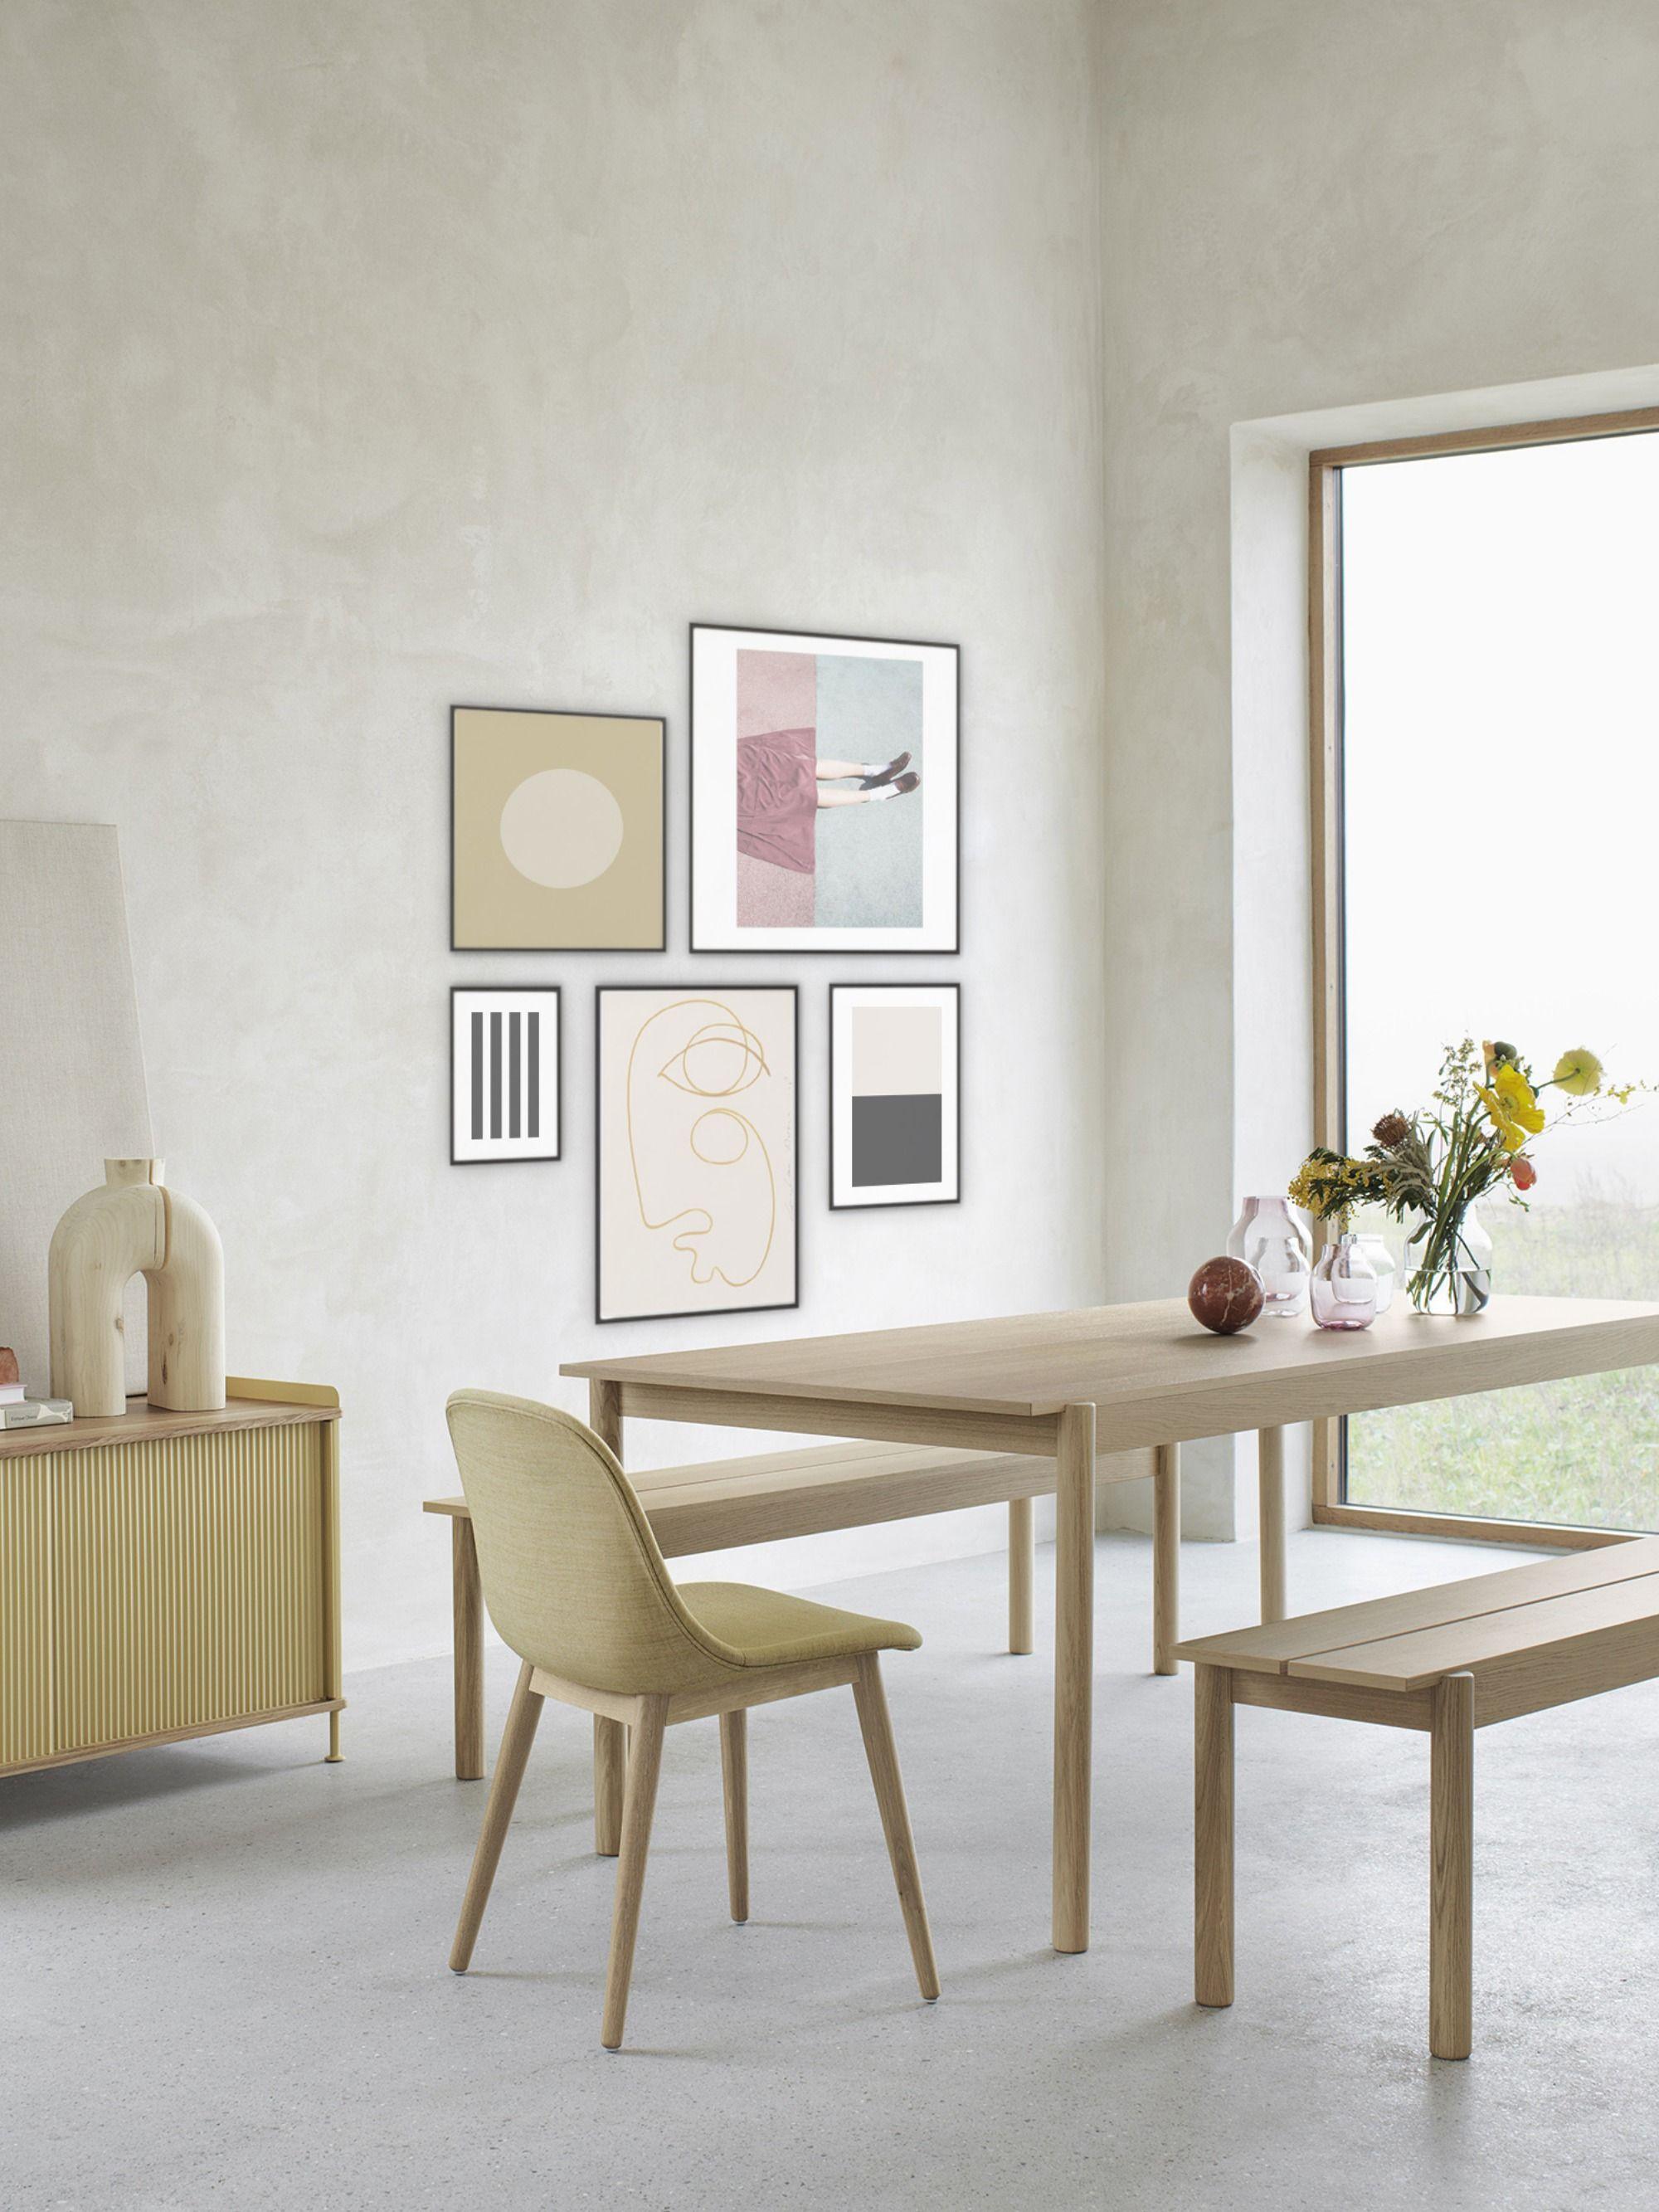 Bilder Aufhängen So Geht S Richtig Connox Magazine Bilderwand Gestalten Haus Deko Skandinavische Wohnräume